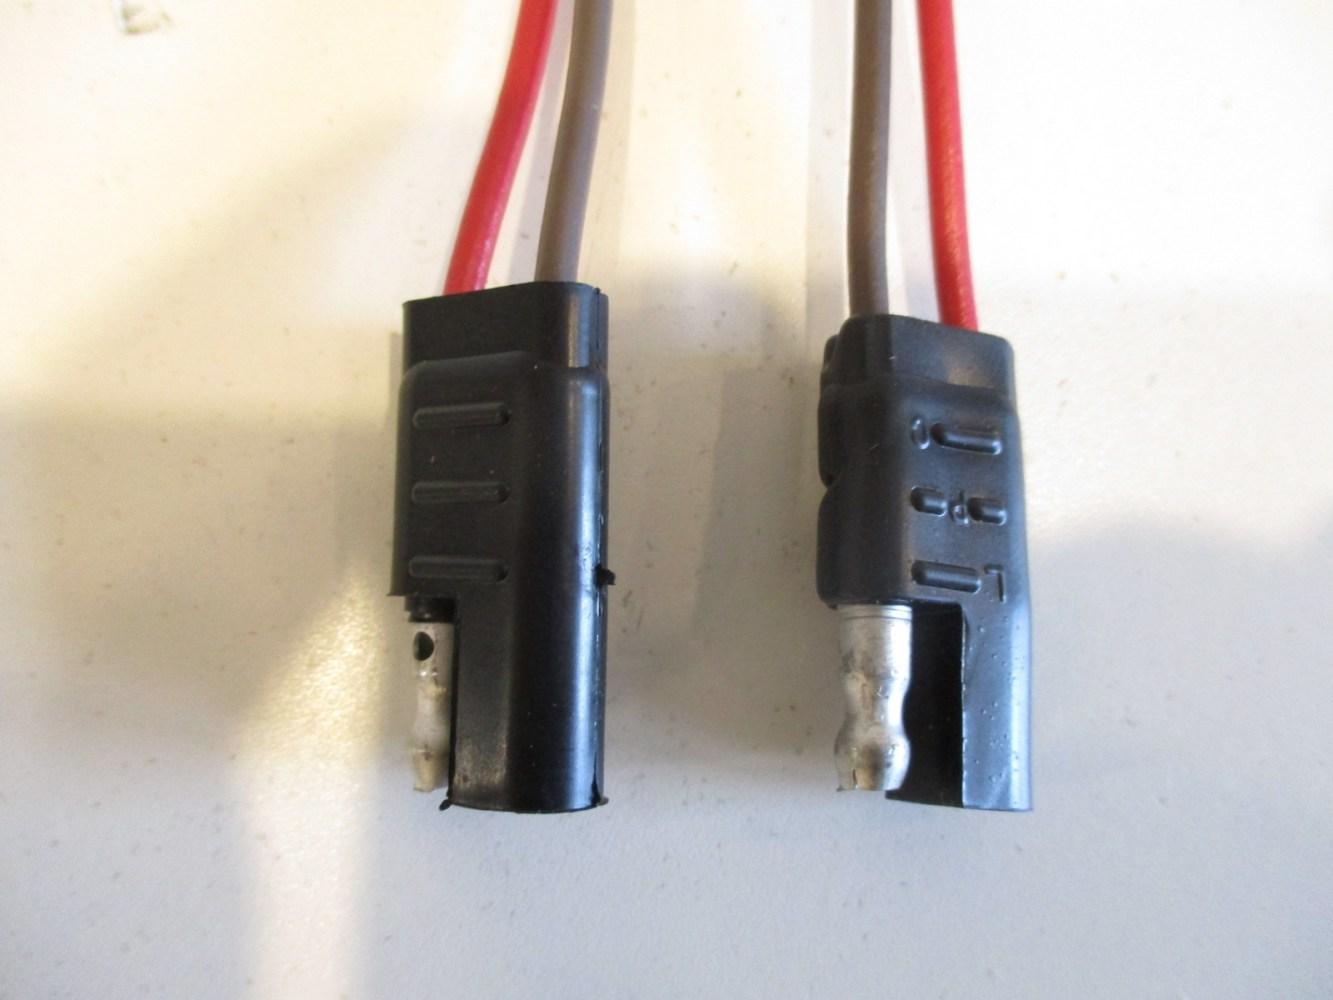 medium resolution of waytek 2 pin trailer wiring connector battery 16 ga 8 7 pin trailer wiring diagram uk